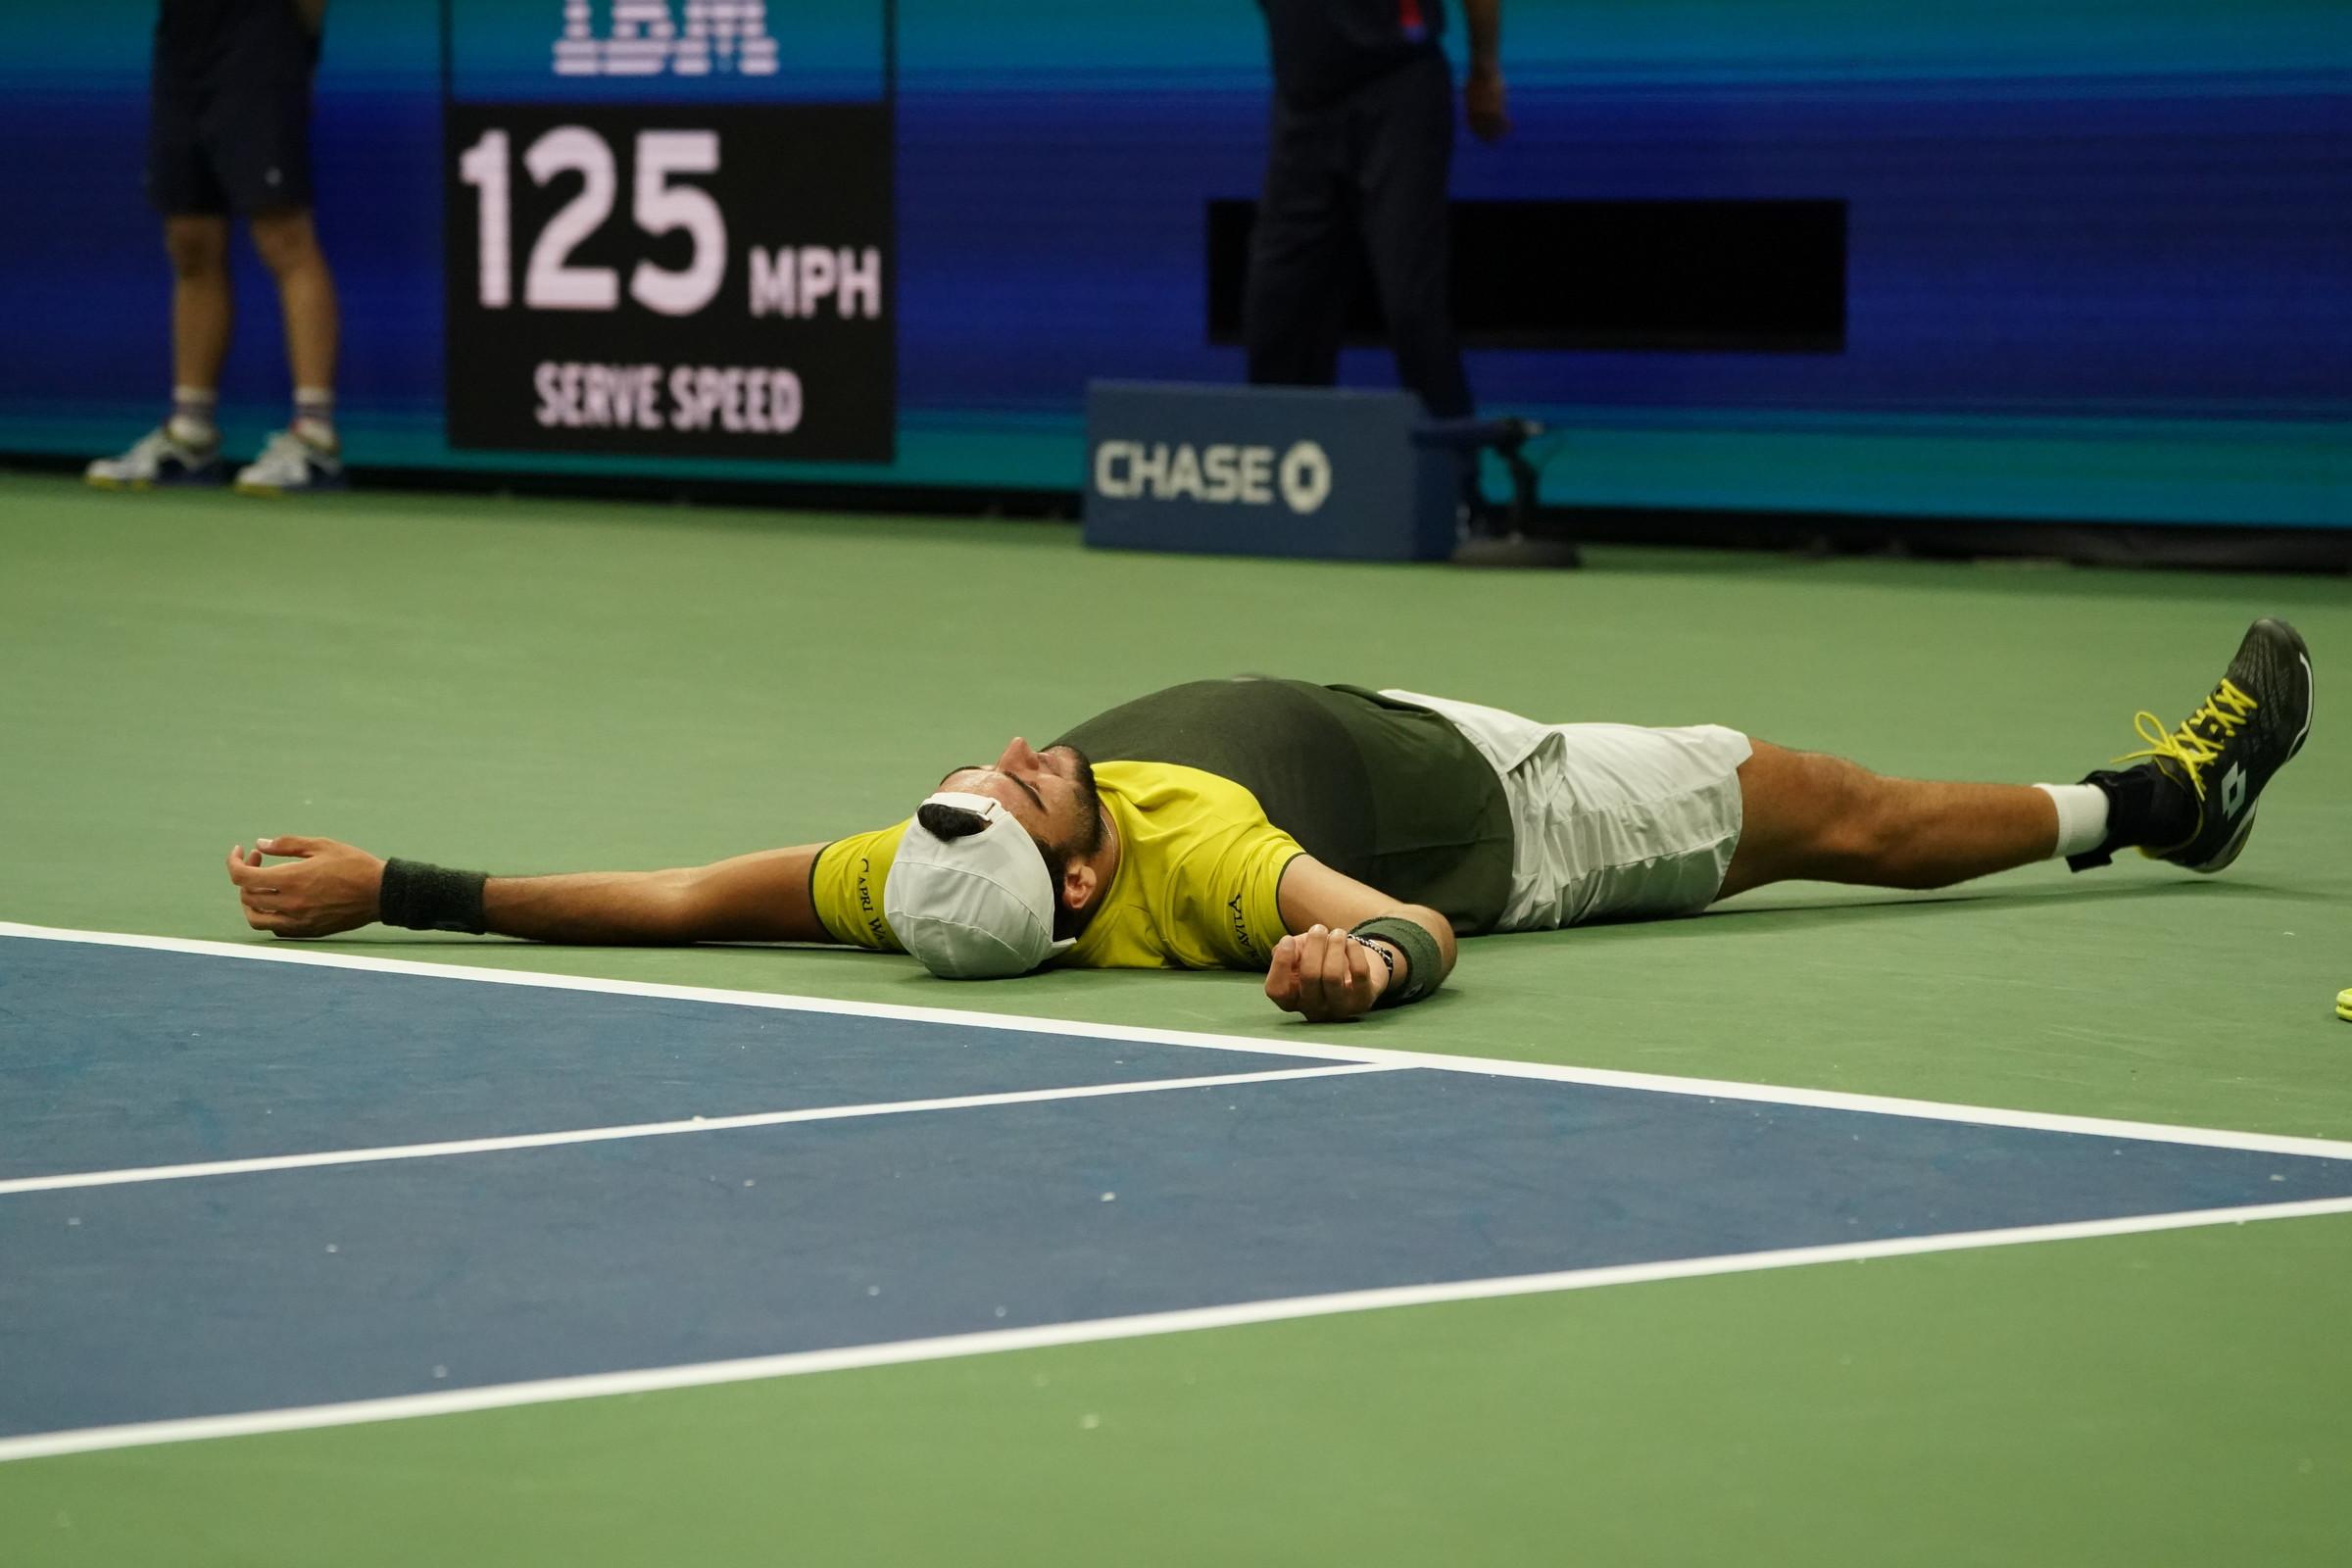 Matteo Berrettini in semifinale agli US Open: ecco tutte le immagini della sua gioia dopo aver battuto Gael Monfils